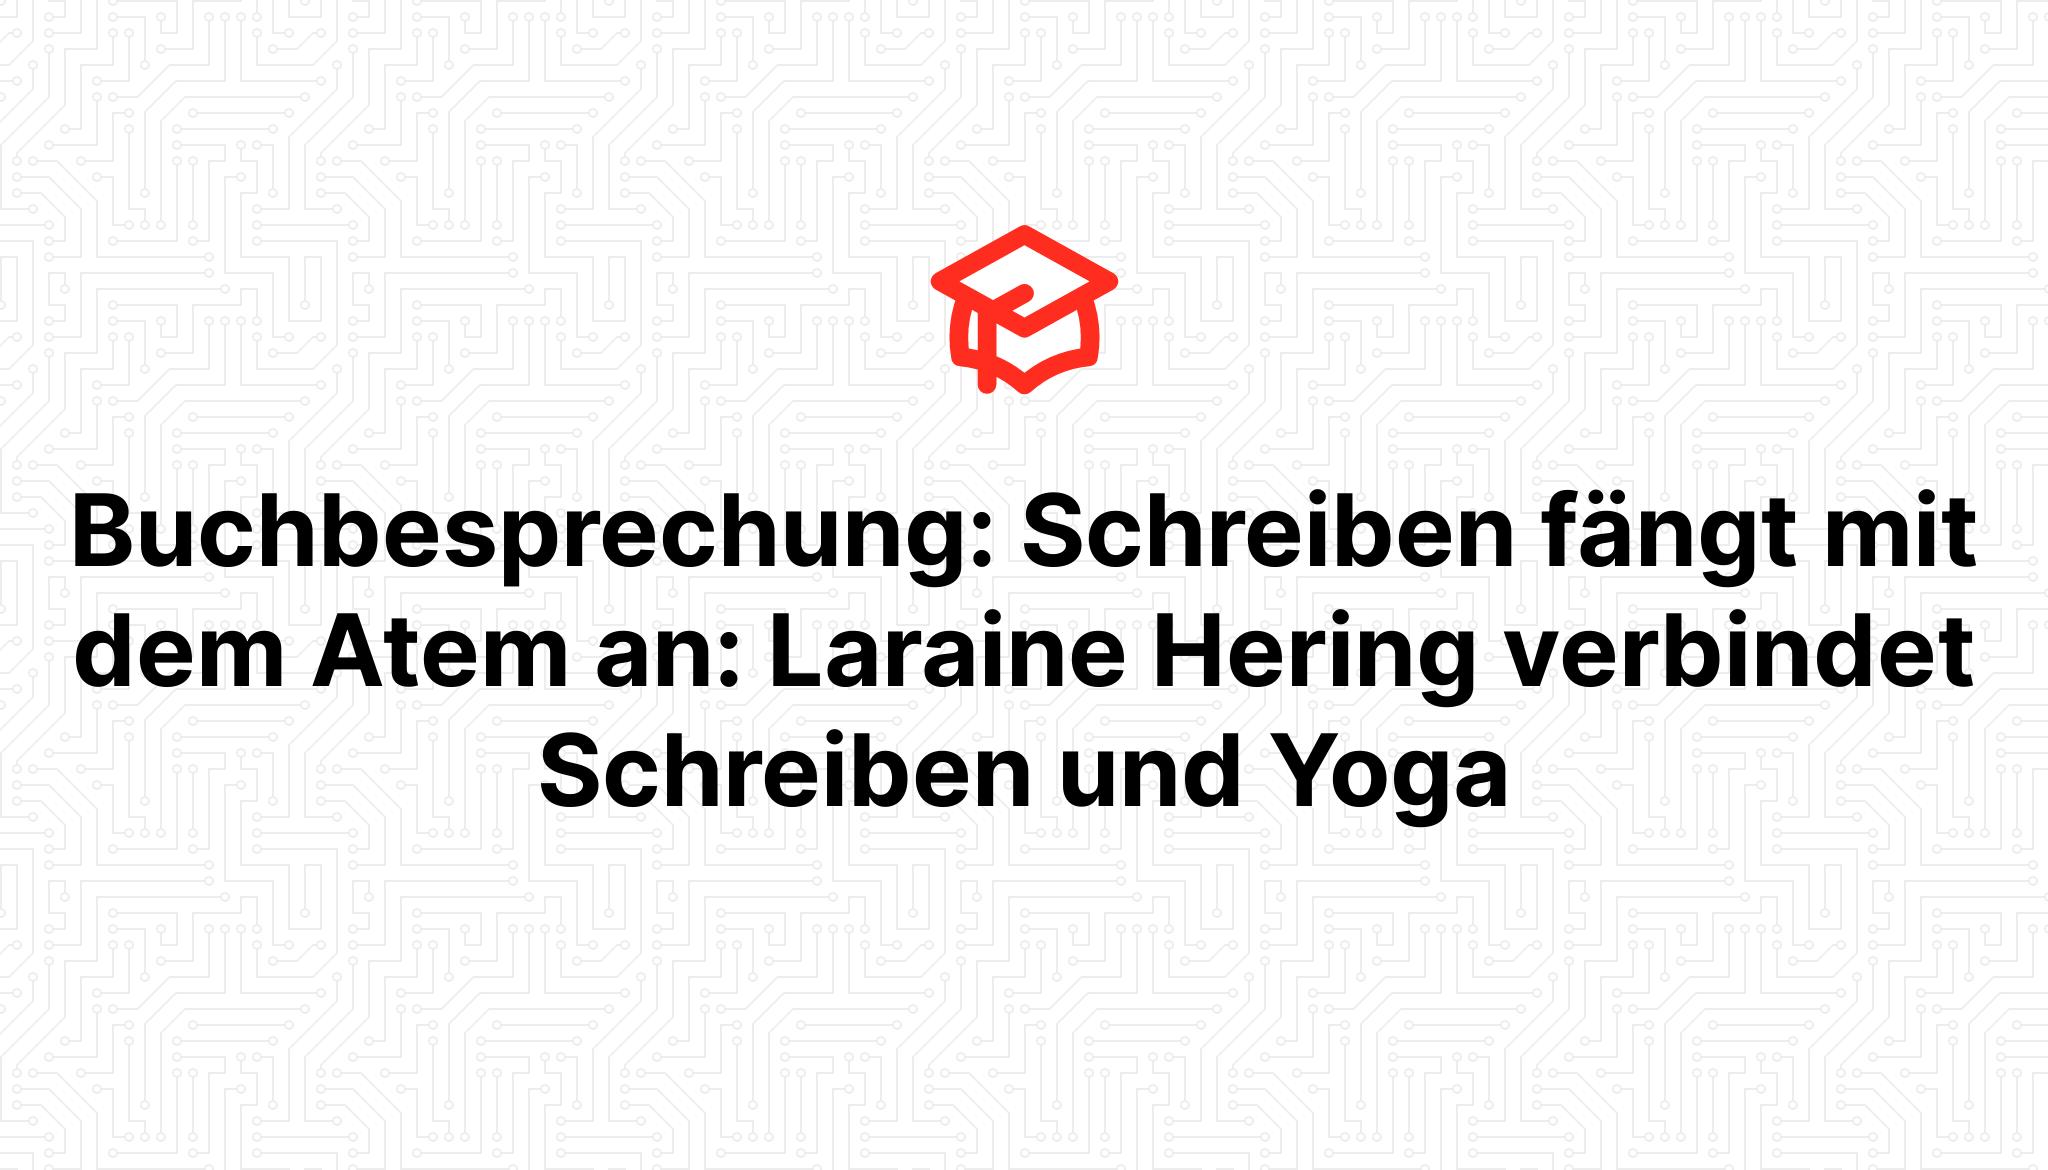 Buchbesprechung: Schreiben fängt mit dem Atem an: Laraine Hering verbindet Schreiben und Yoga